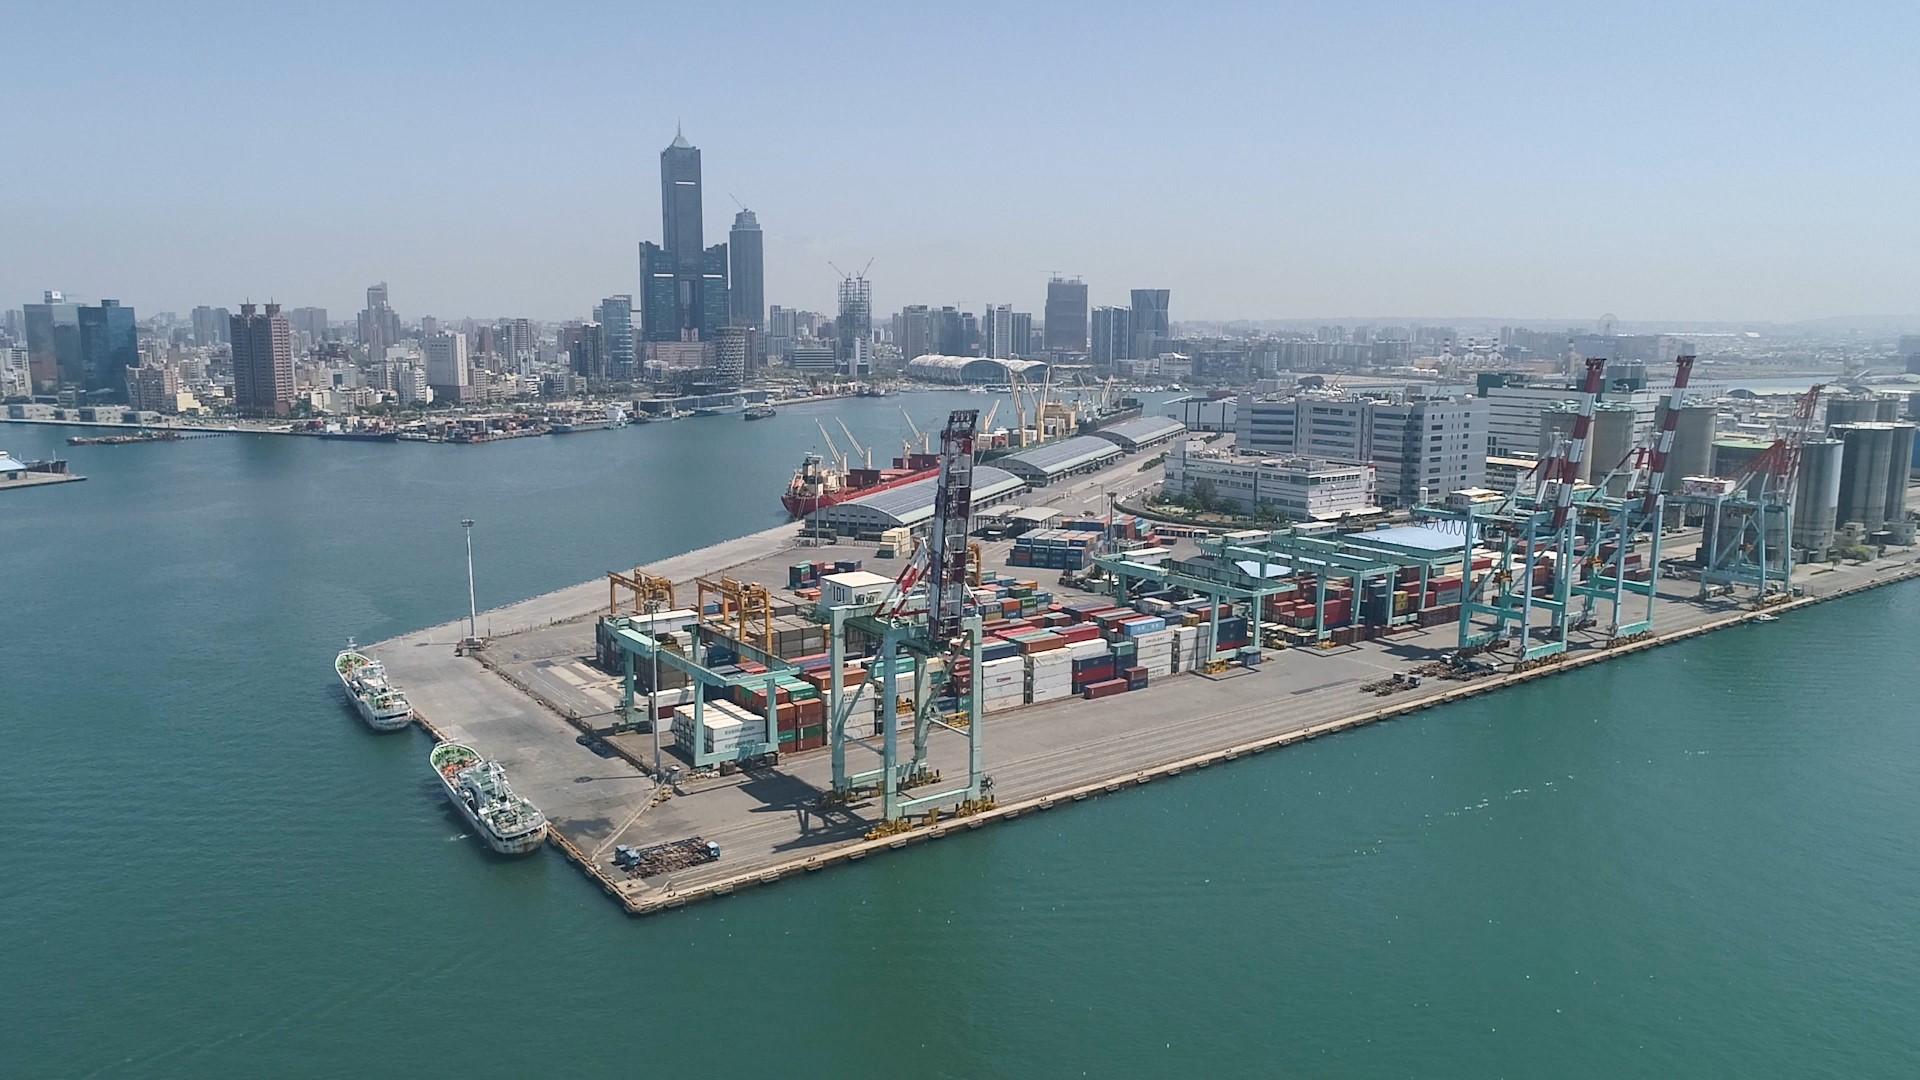 高雄港:中島新商港區開發於民國五十二年(1963年)浚挖航道抽沙築島,1966年興建完成高雄加工出口區 ,至1975年完成中島新商港區開發